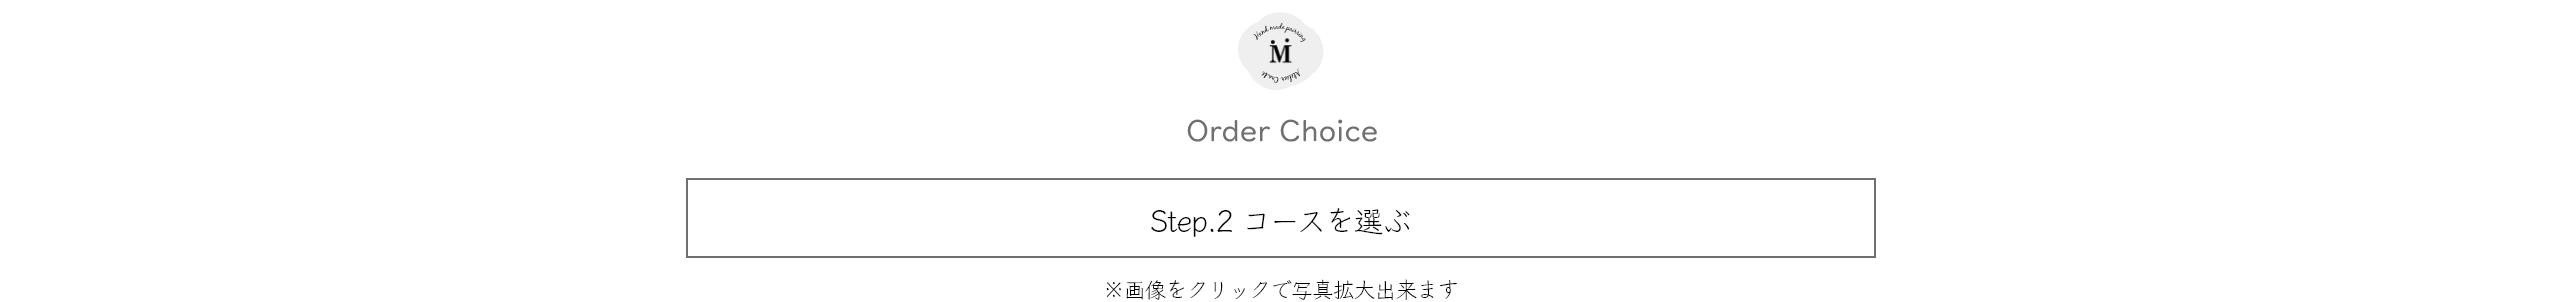 Step.2コースを選ぶ